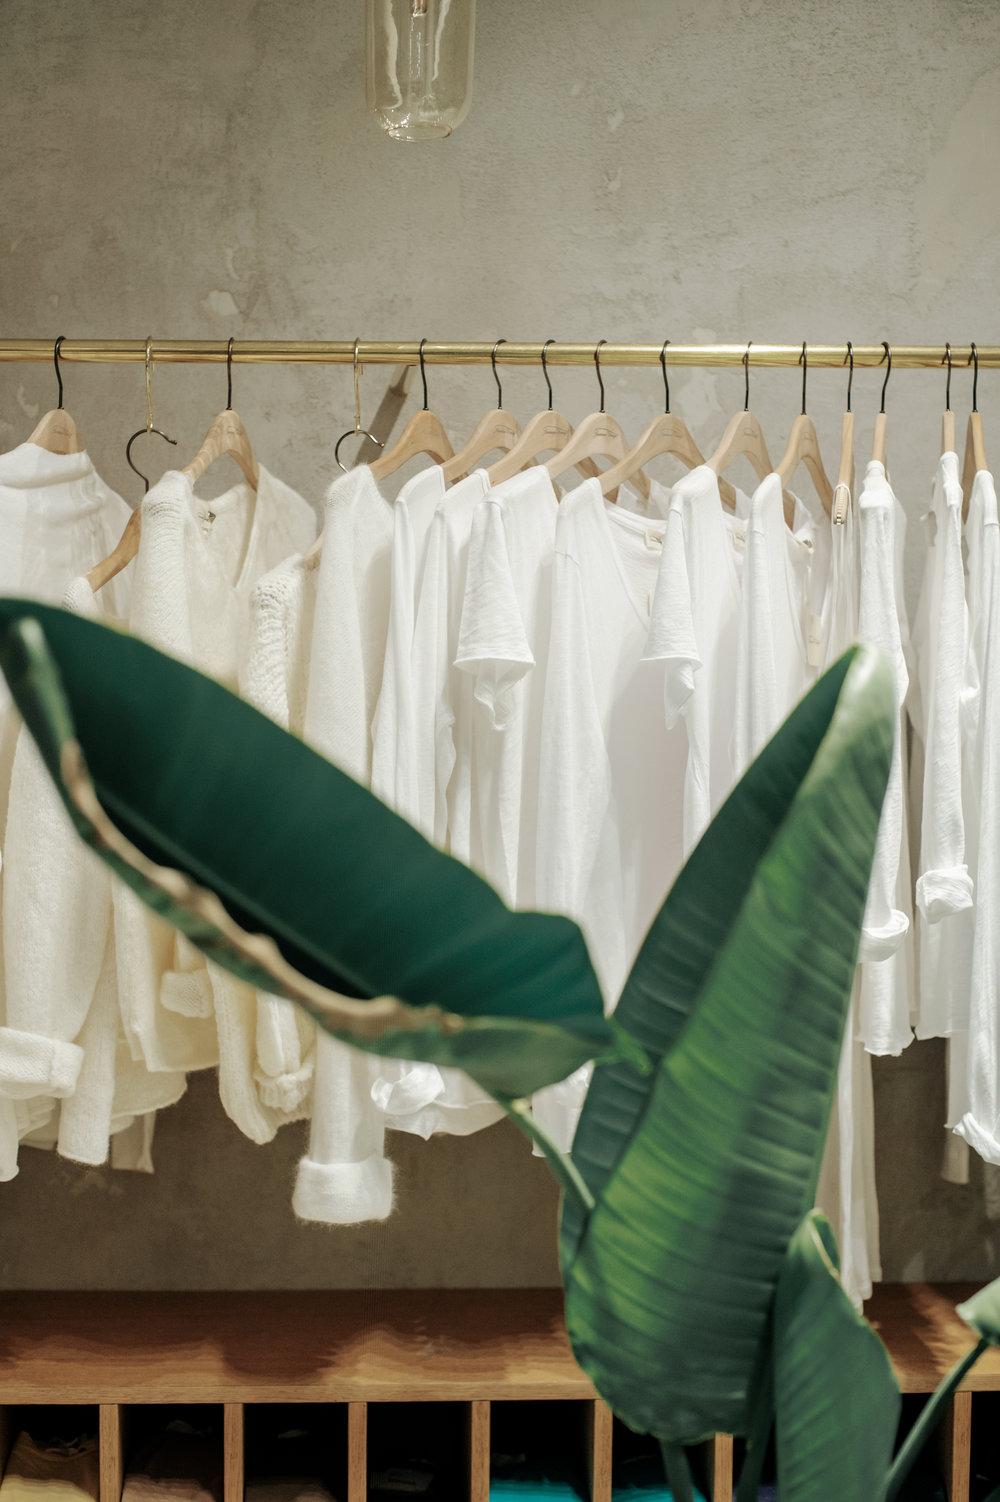 AV_Store_Antwerp_credit_Oona_SMET_1.jpg